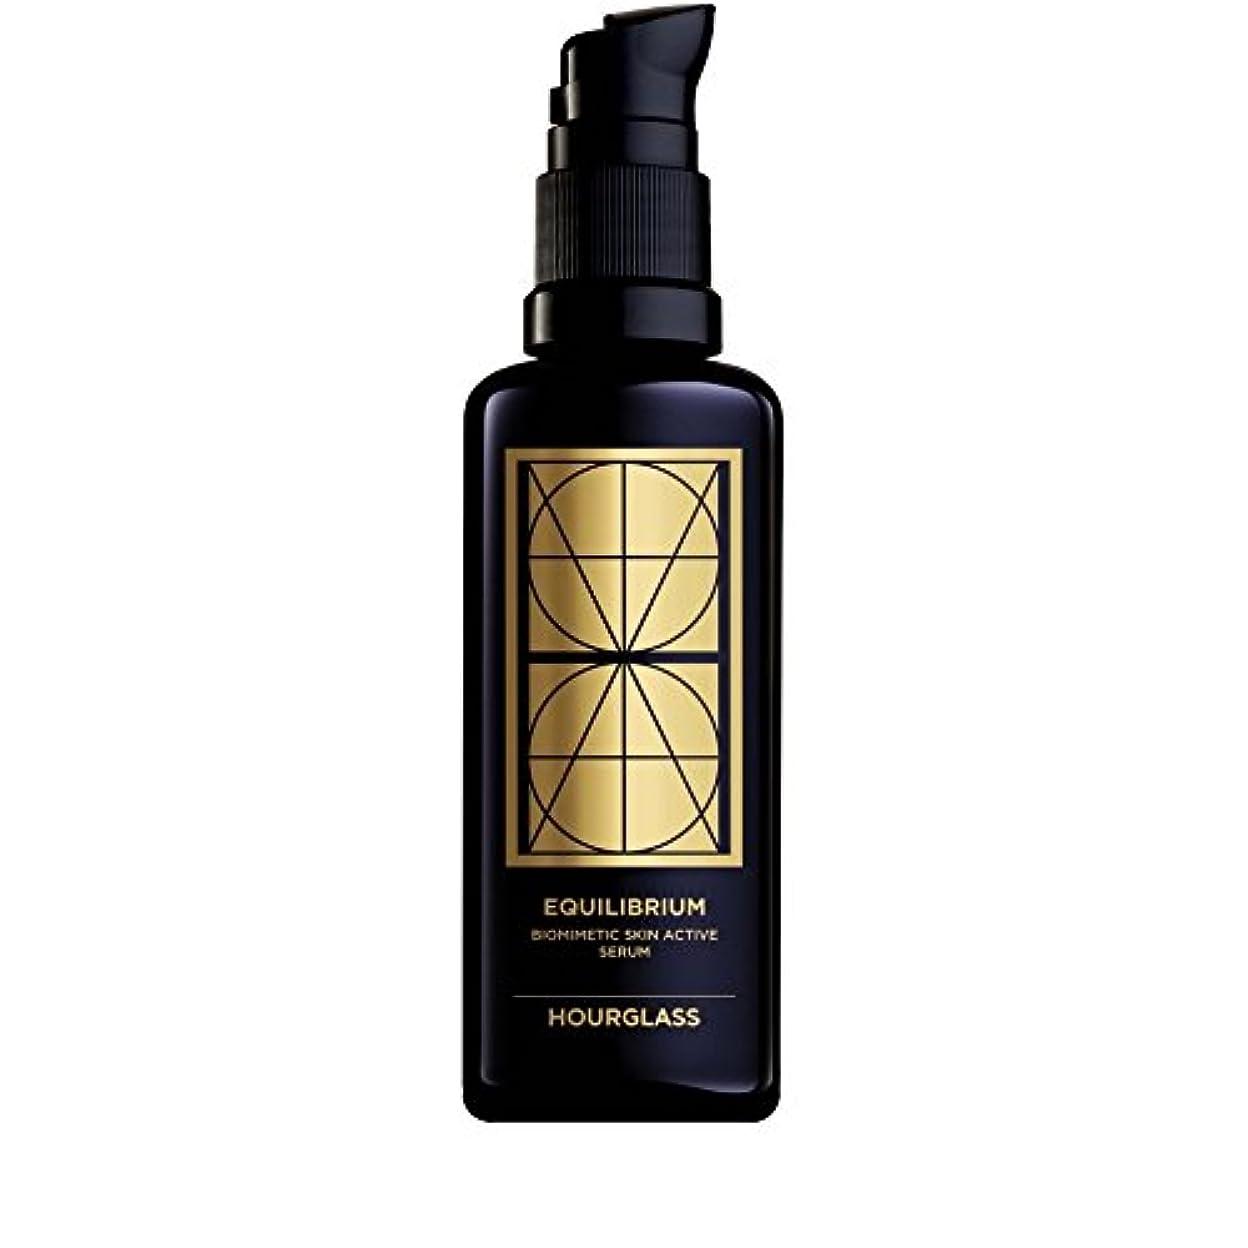 シリンダー専門用語占めるHourglass Equilibrium Skin Active Serum 50ml - 砂時計平衡皮膚活性血清50ミリリットル [並行輸入品]